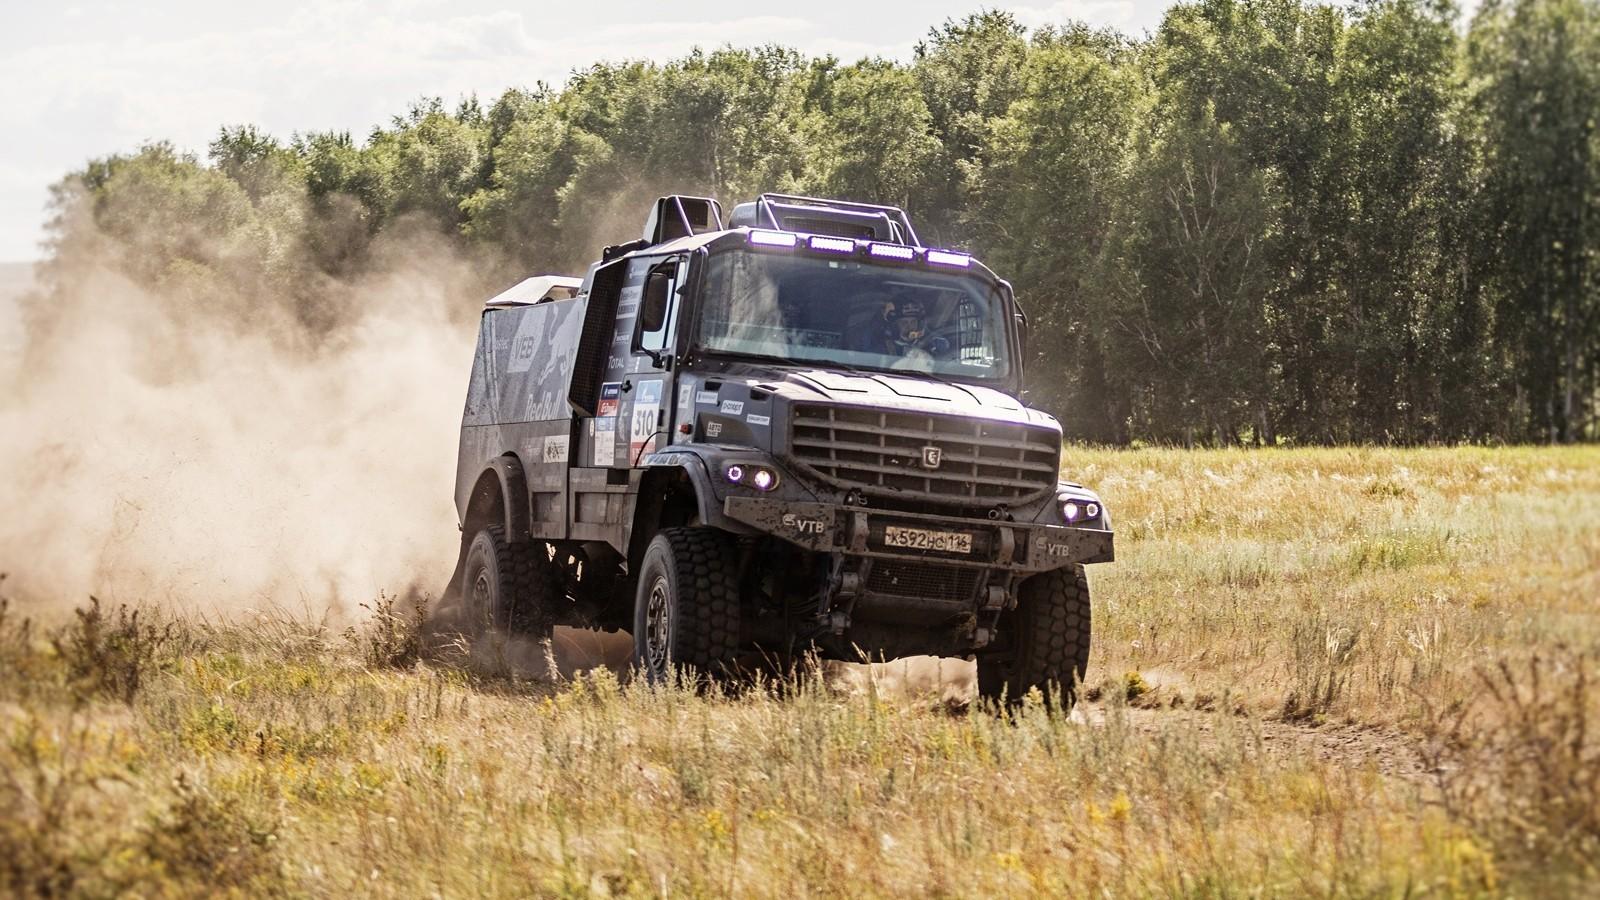 Эдуард Николаев, выступающий на новейшем капотном «КАМАЗе», занимает третье место в зачёте грузовиков